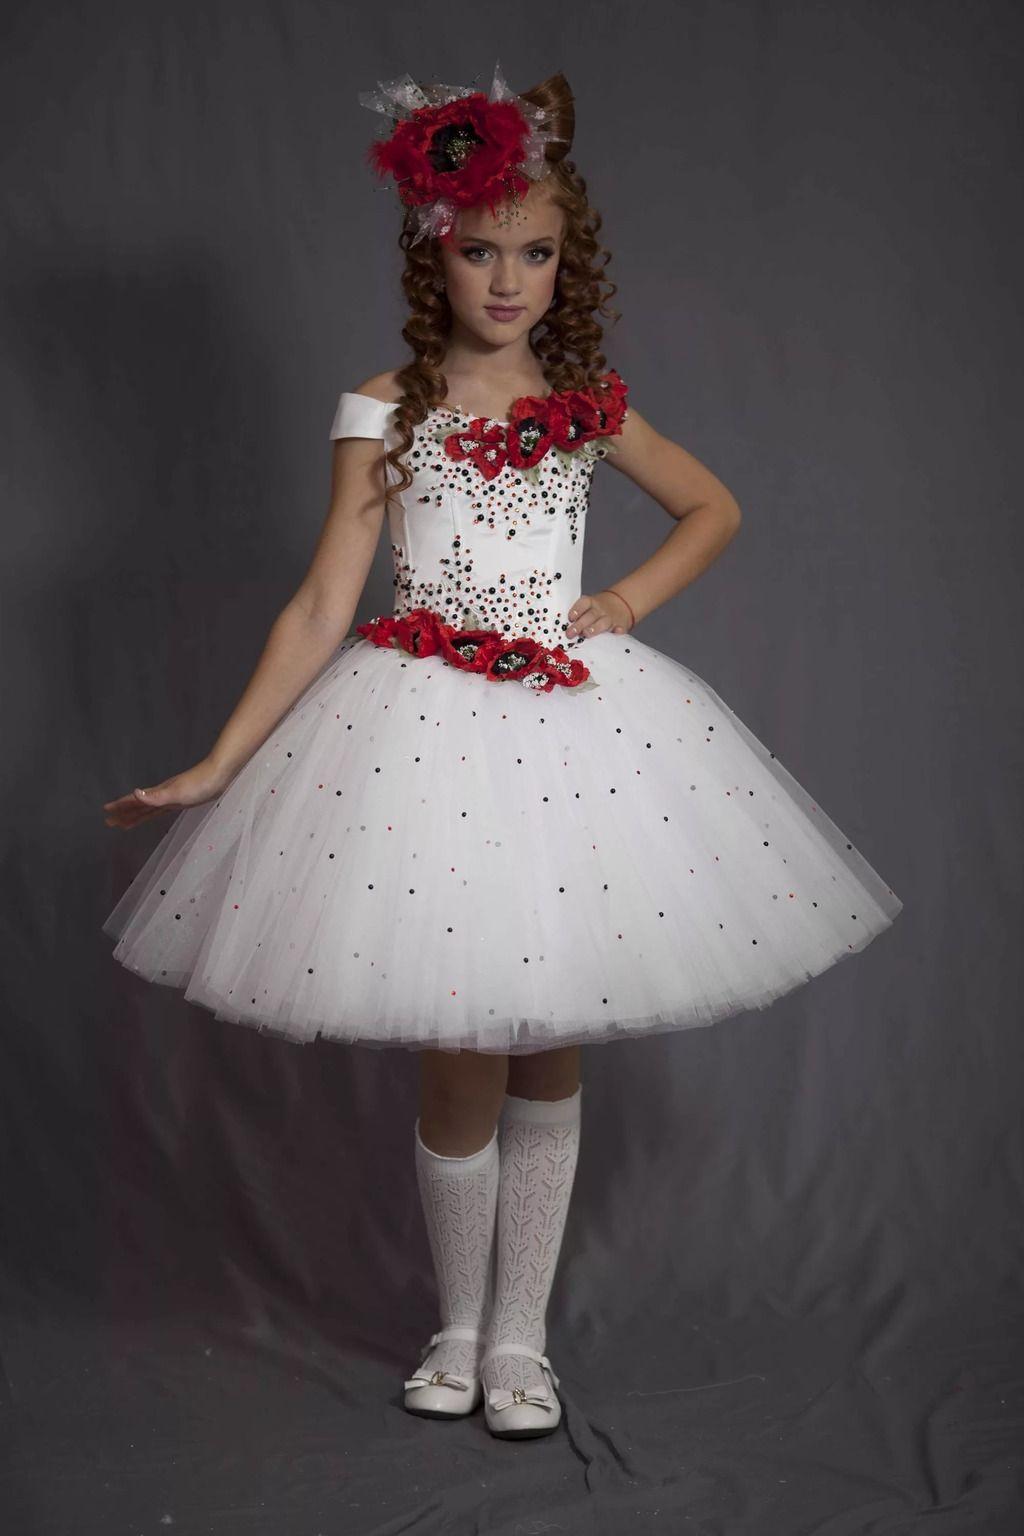 abb4a75965d нарядное платье для девочки 6-7 лет  14 тыс изображений найдено в  Яндекс.Картинках